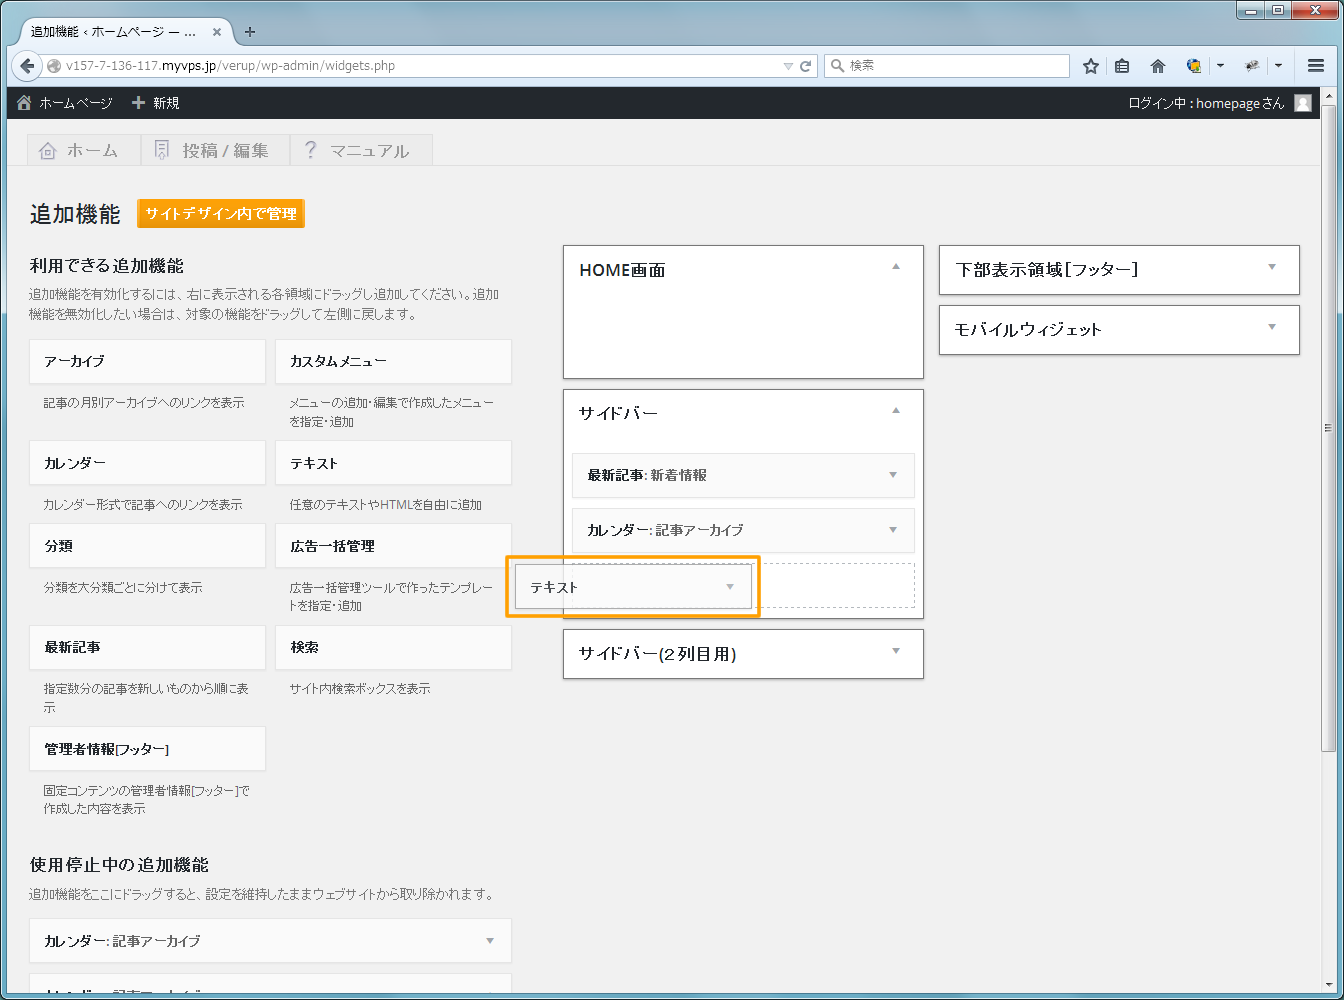 各種機能の追加 テキスト | 初期費用無料ホームページ作成サイト - FunMaker